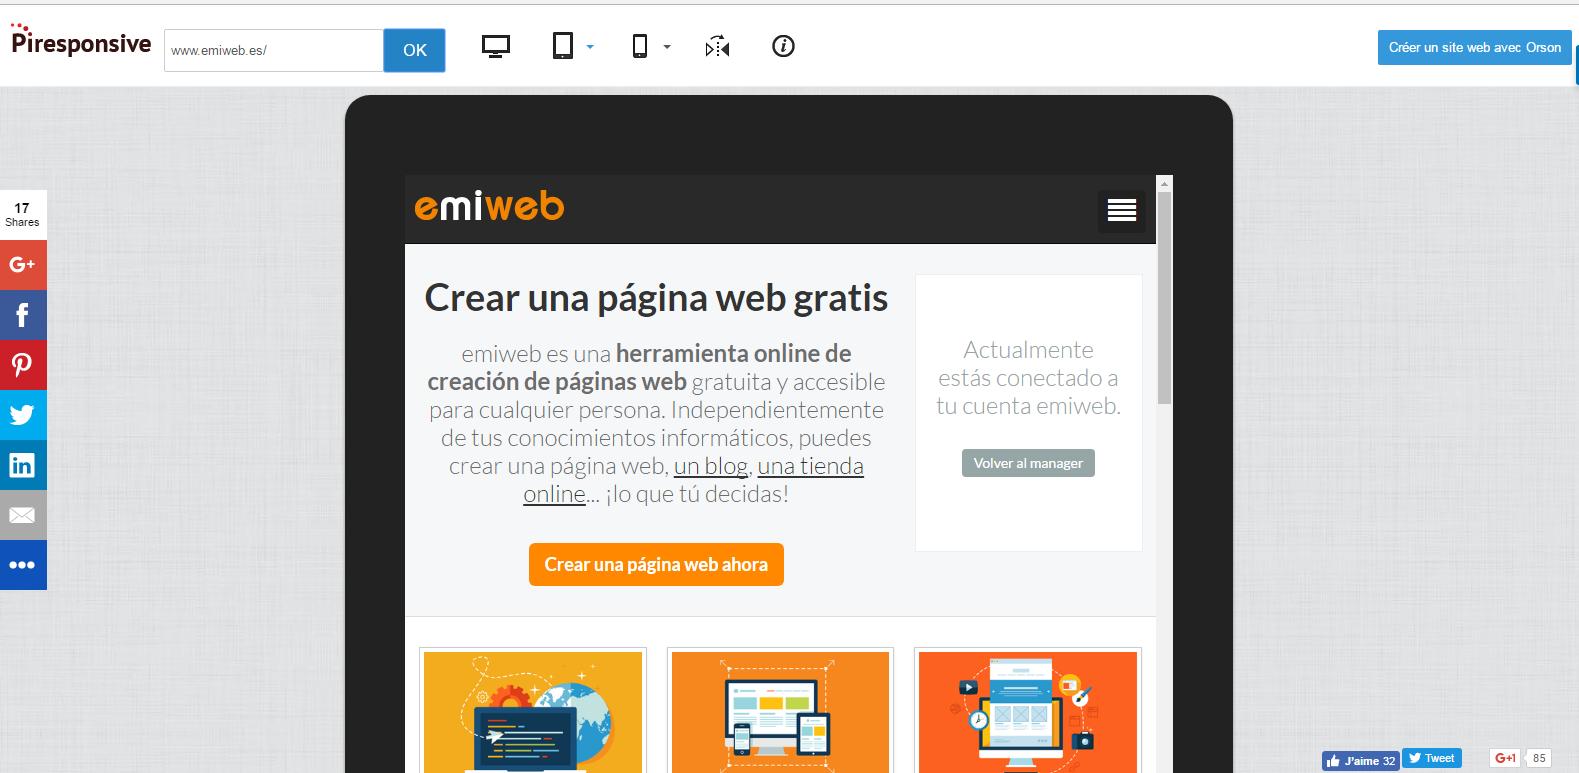 Piresponsive emiweb responsive